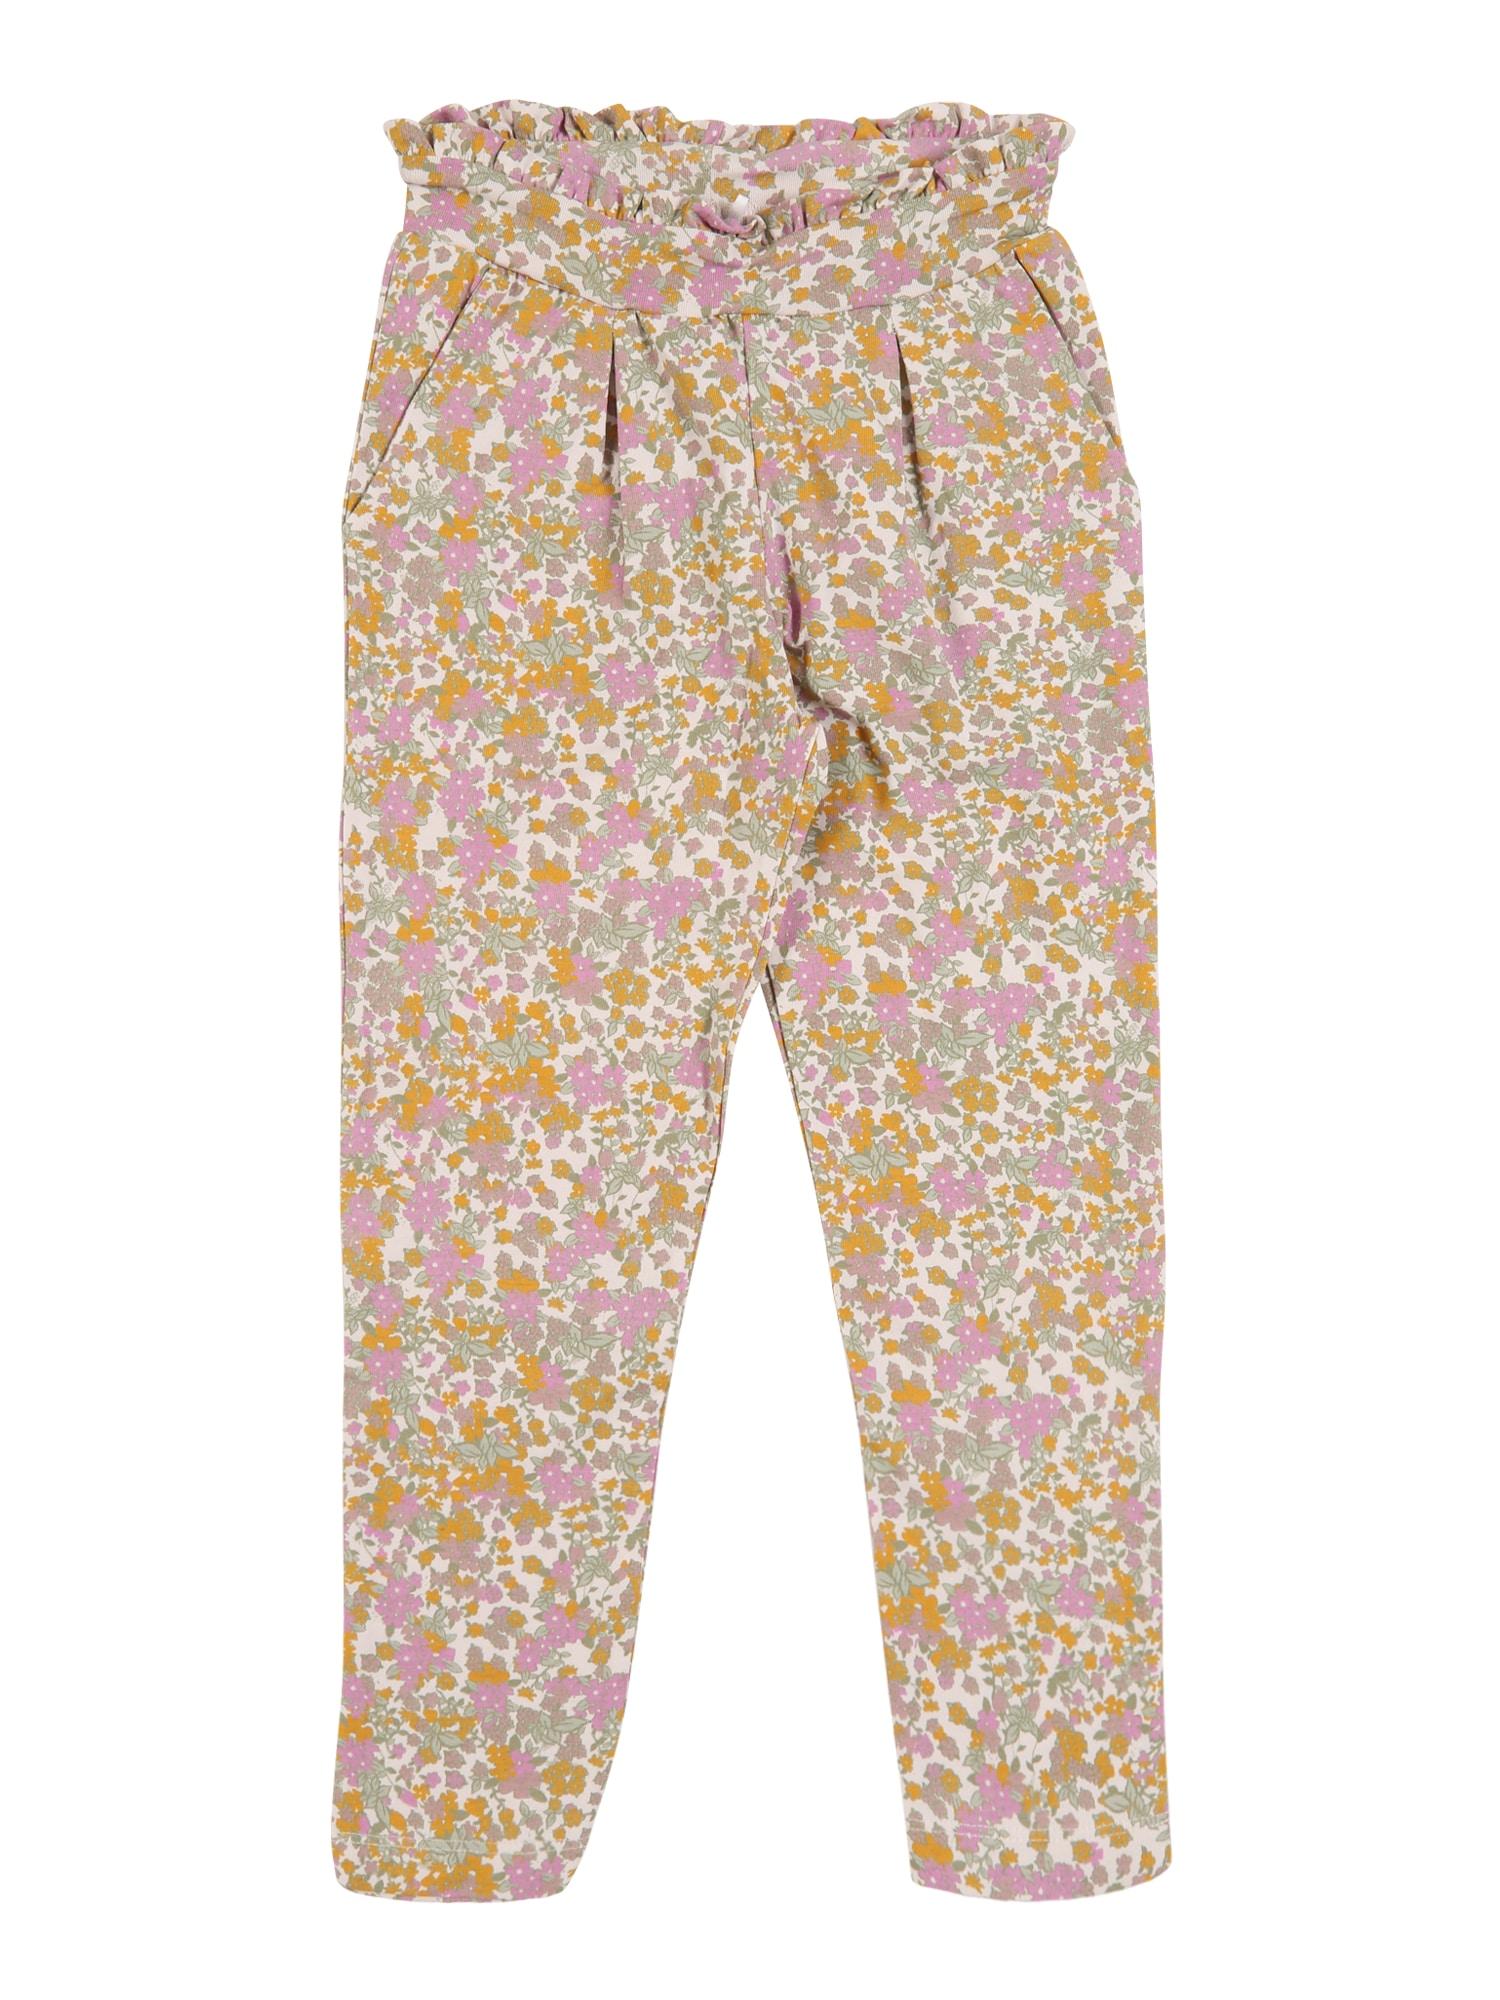 NAME IT Kelnės ryškiai rožinė spalva / rožių spalva / geltona